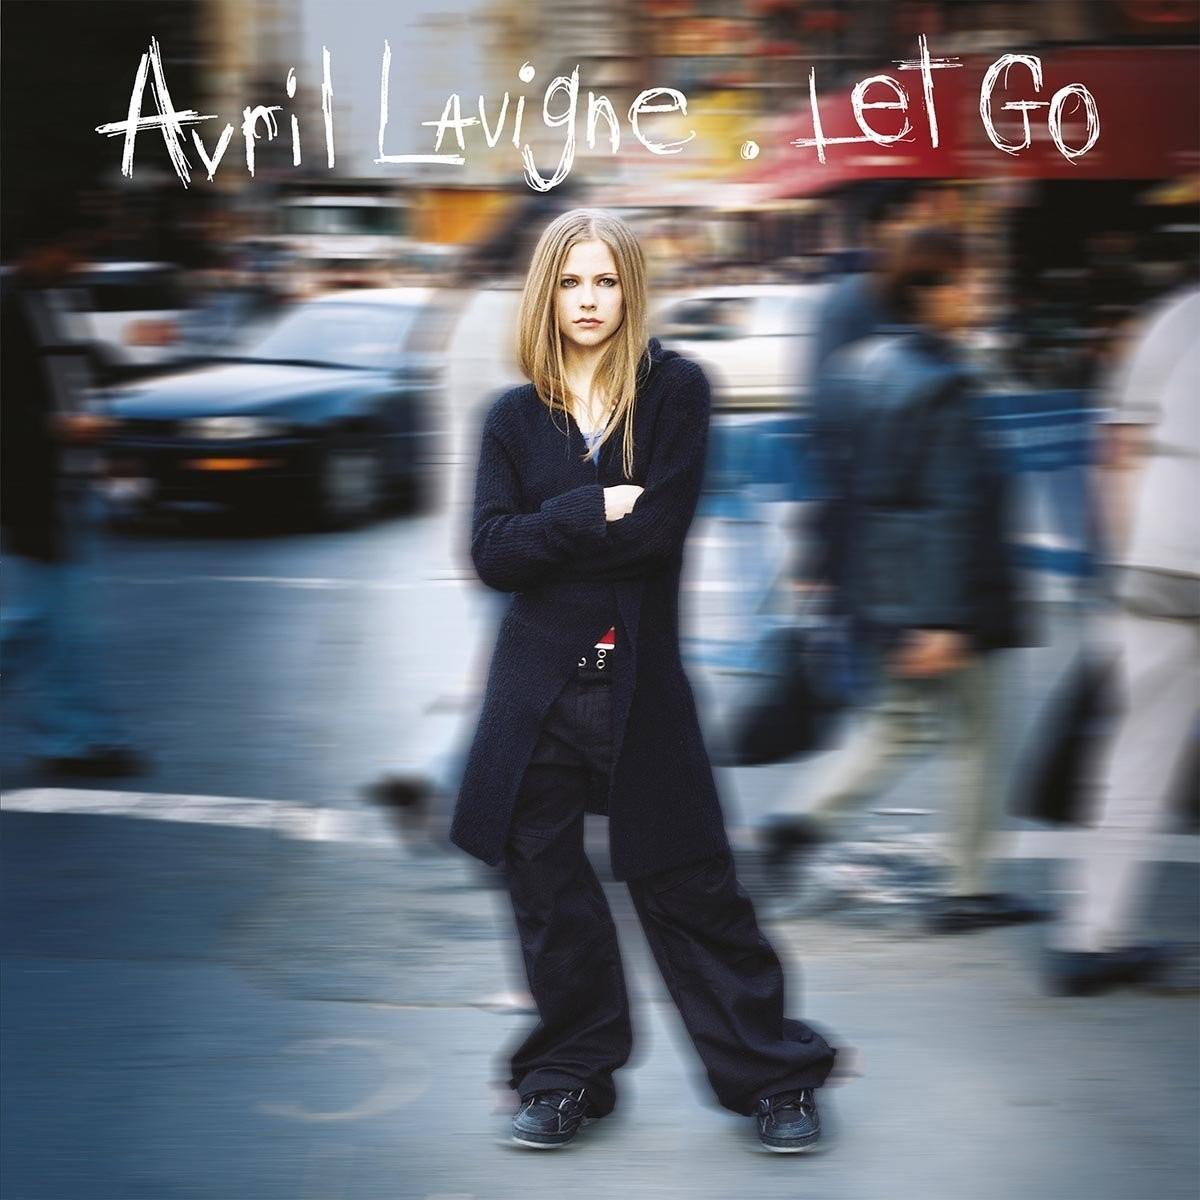 Avril Lavigne - Let Go (Import) 2XLP